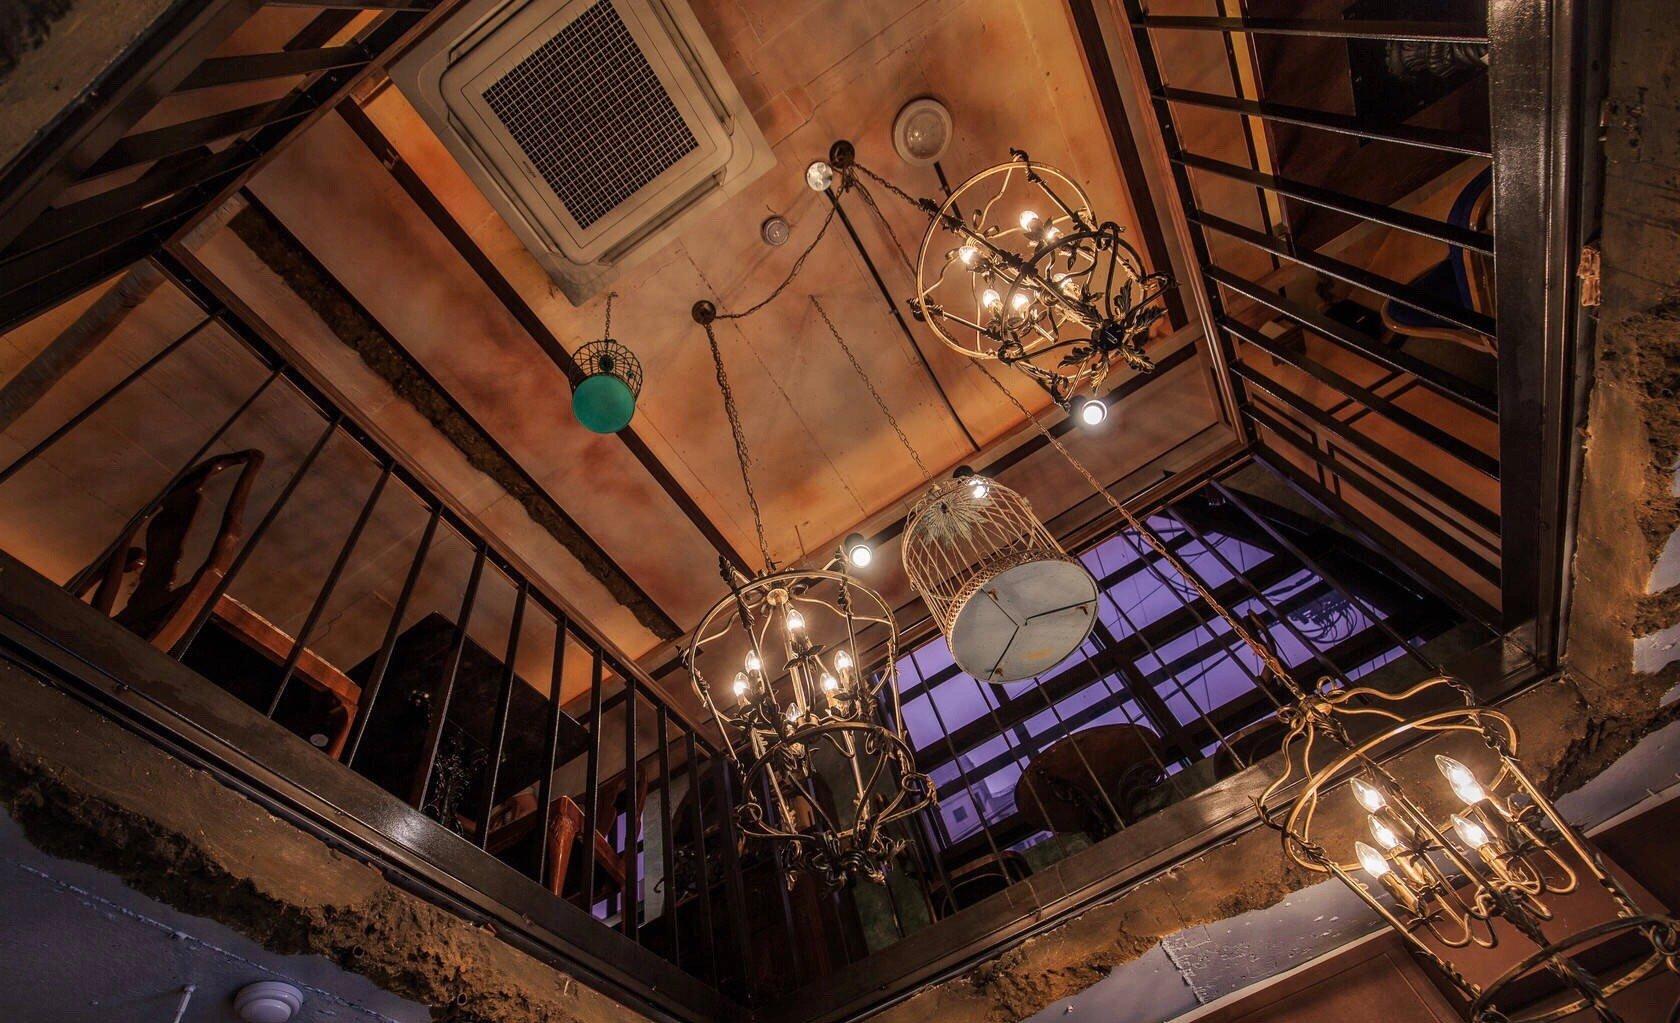 首尔弘大附近有一家以哈利波特电影为蓝本的博物馆级咖啡店